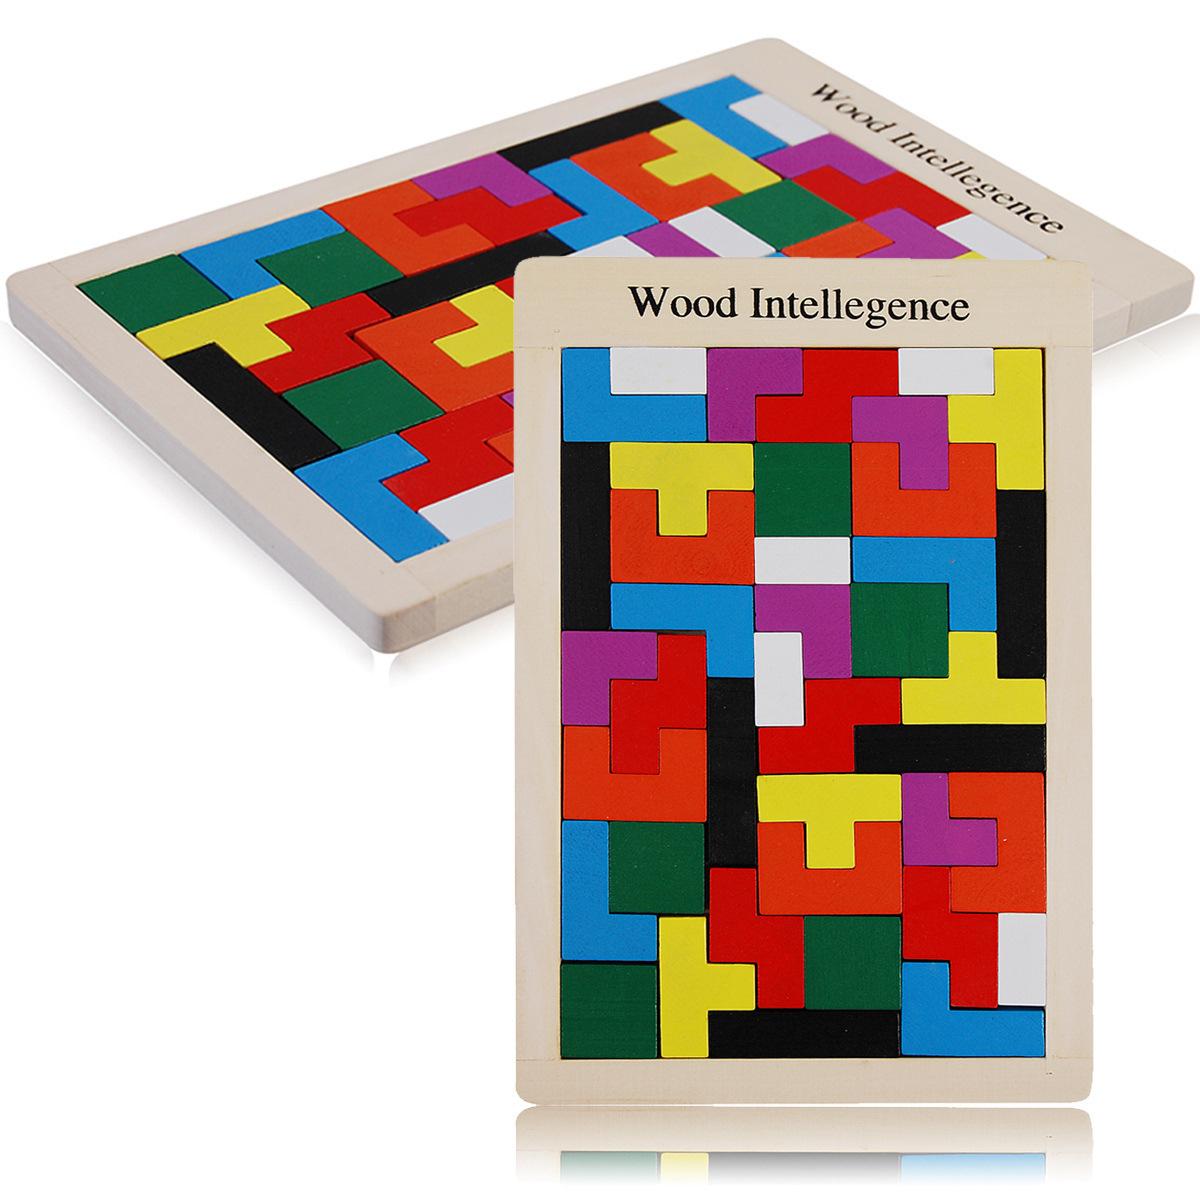 宝宝木制七巧板彩色俄罗斯方块积木儿童早教益智智力拼图拼板玩具